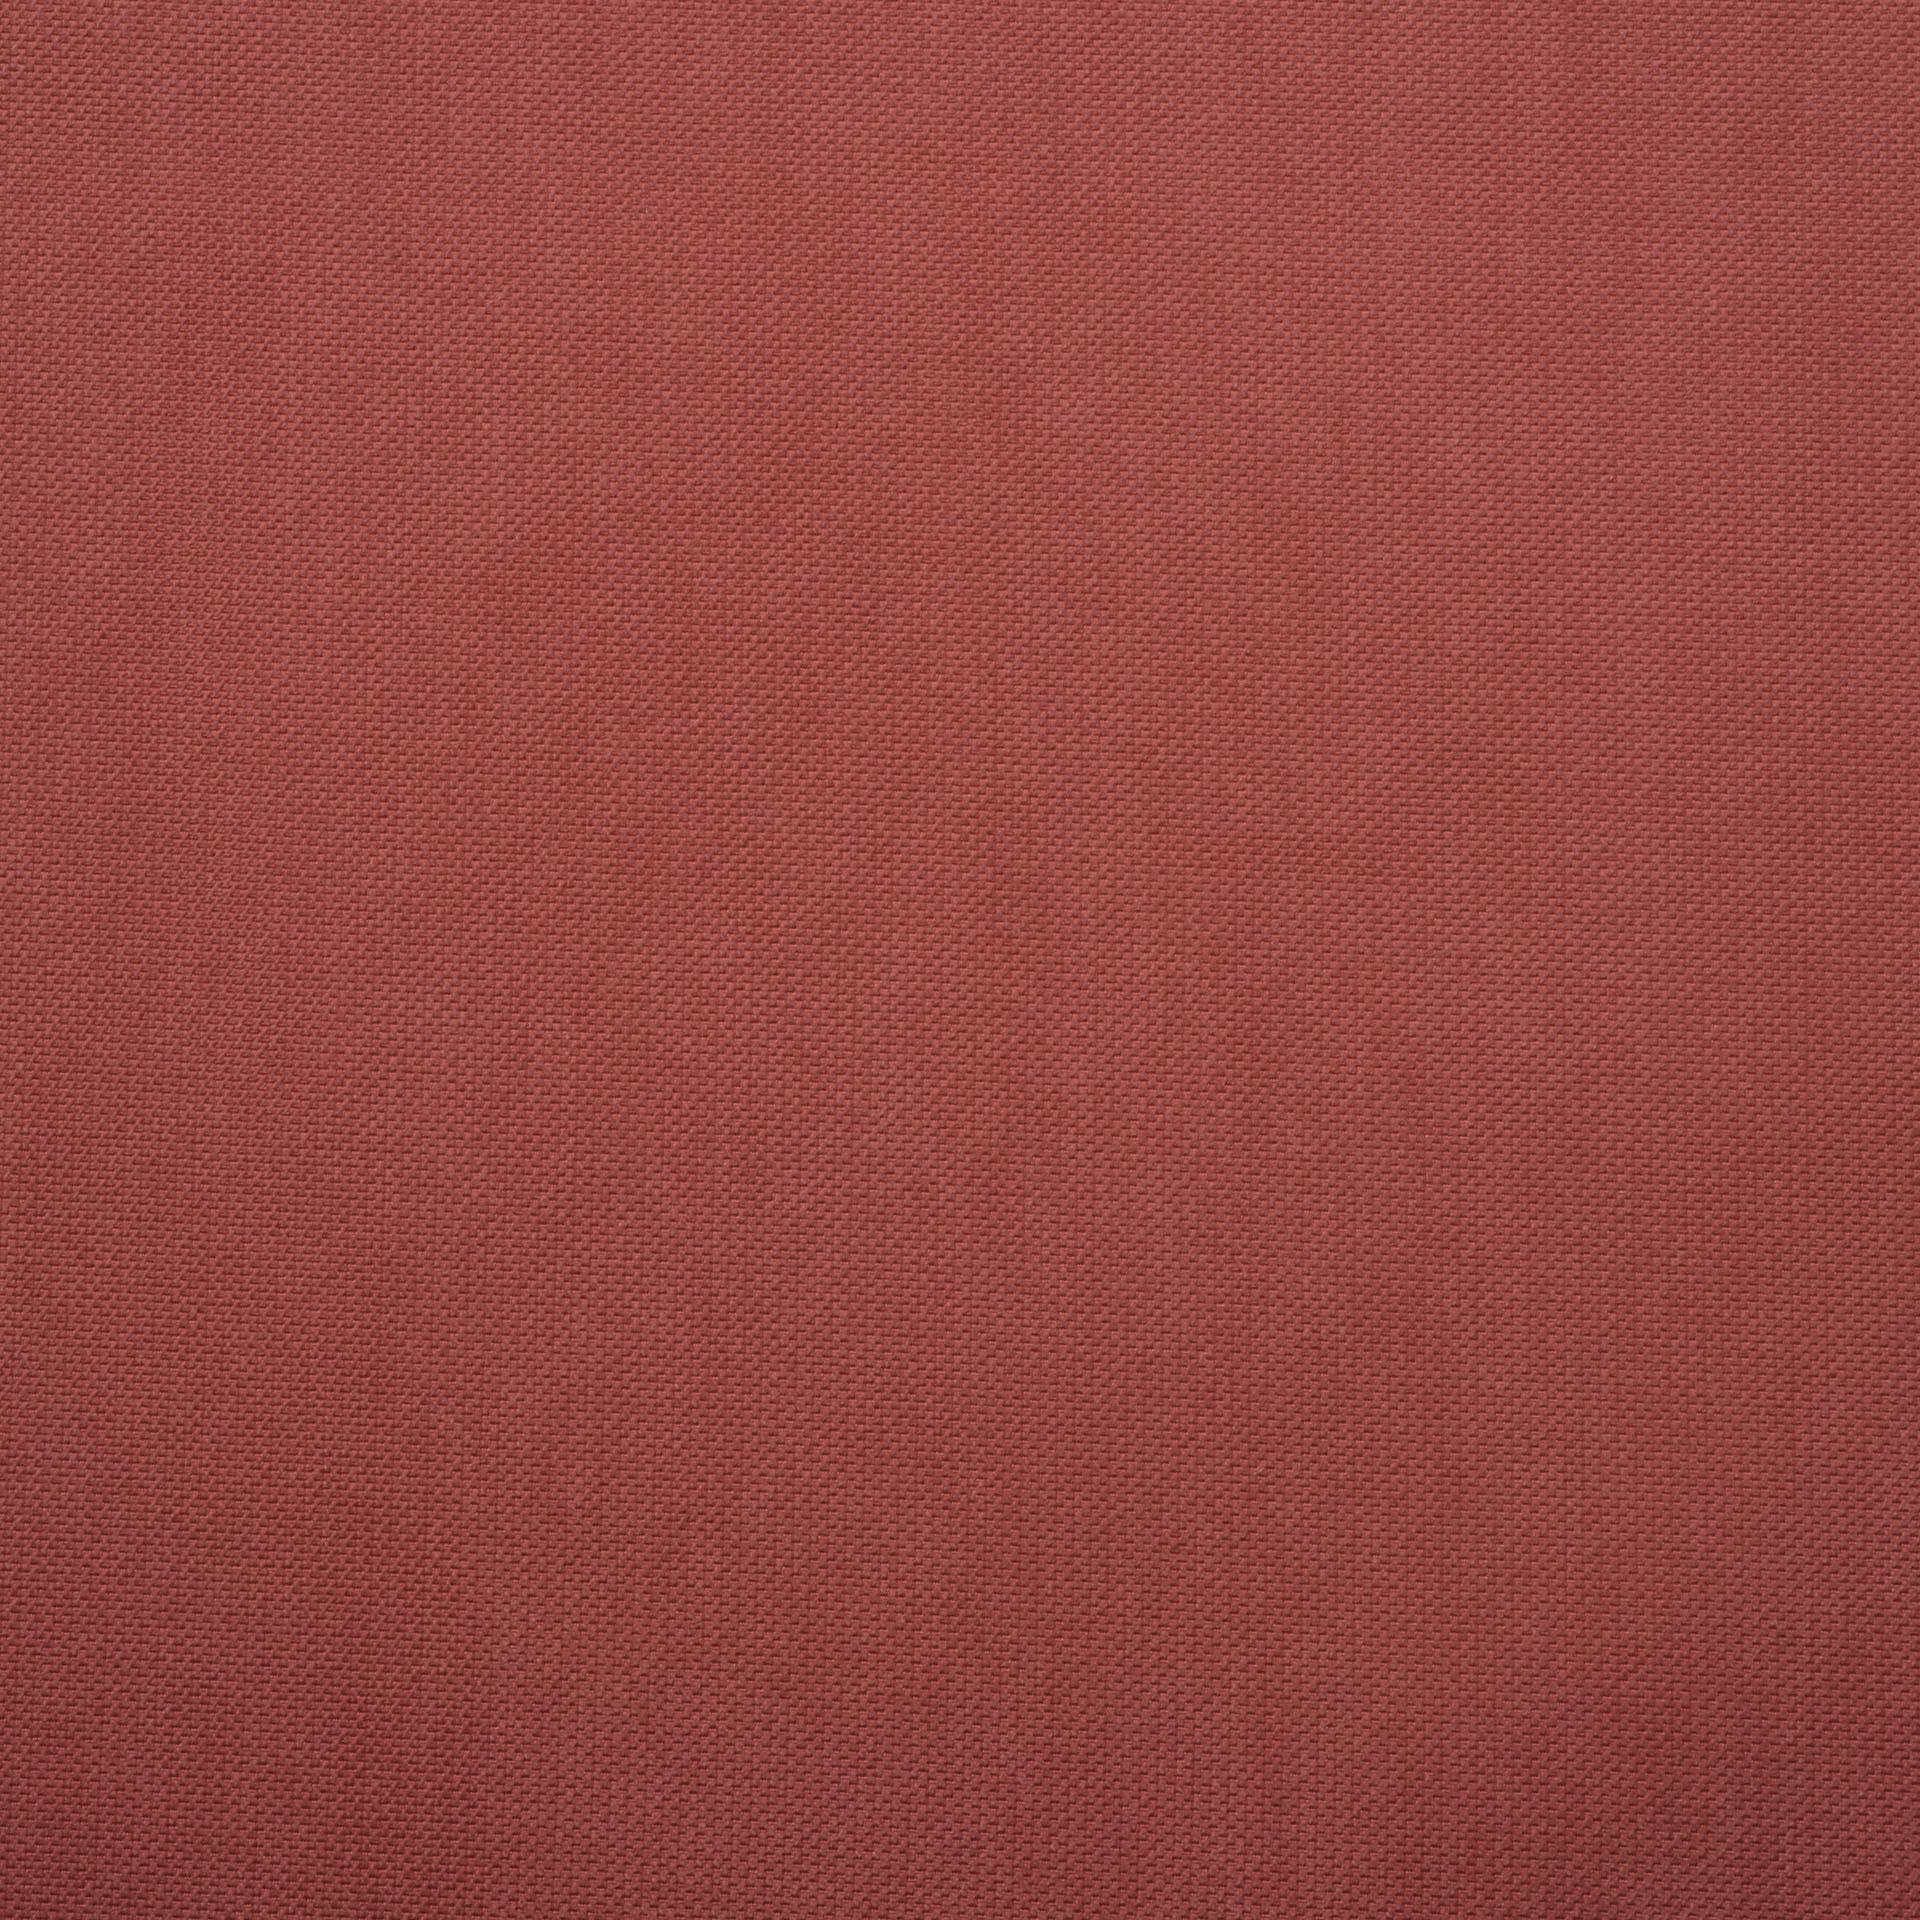 Коллекция ткани Стэнли 10 INDIAN RED,  купить ткань Жаккард для мебели Украина